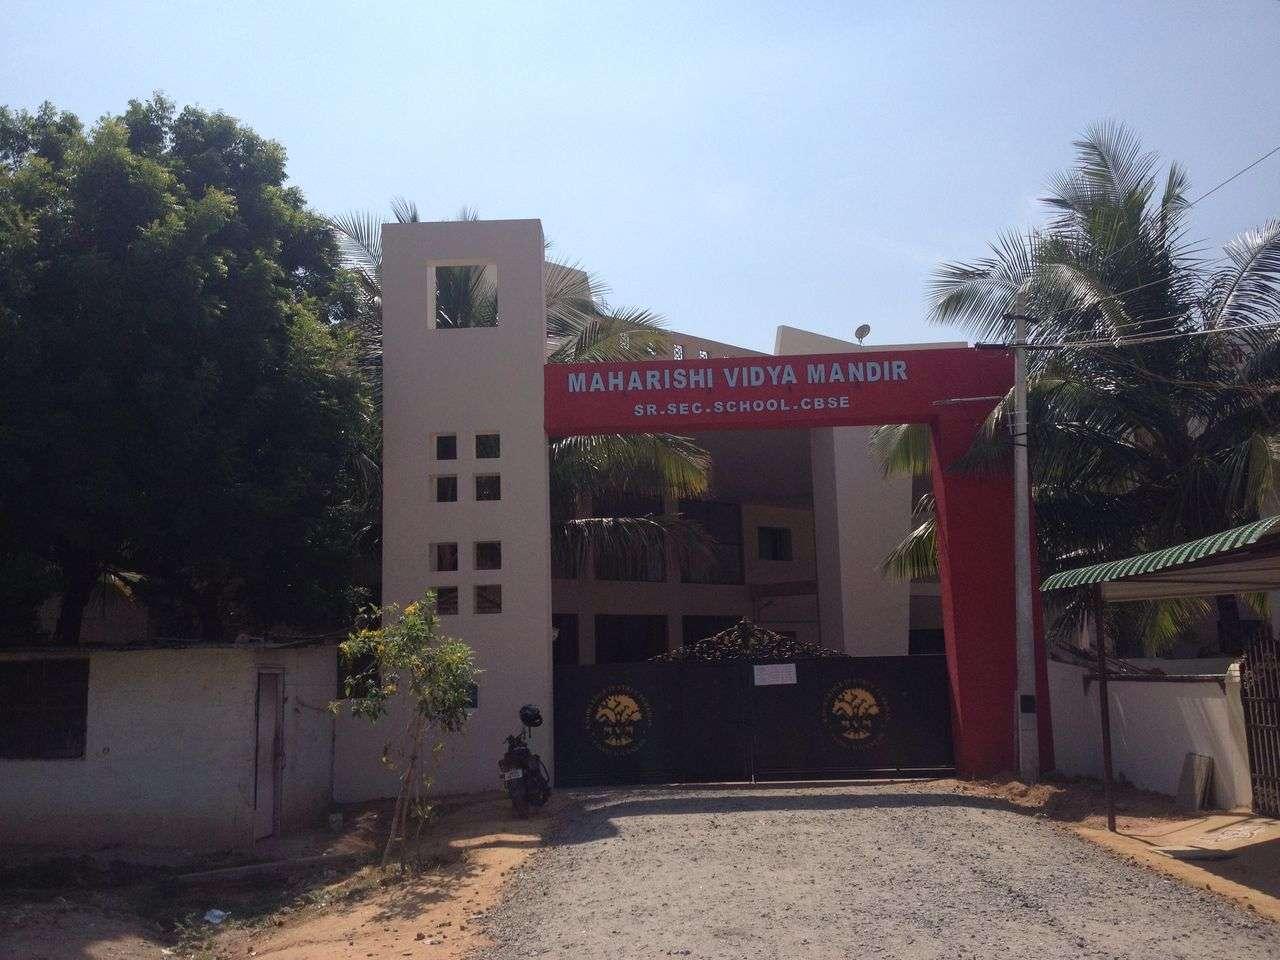 MAHARISHI VIDYA MANDIR Ramanis Mayuri Chinnavedampatti Coimbatore 641 049 1930386